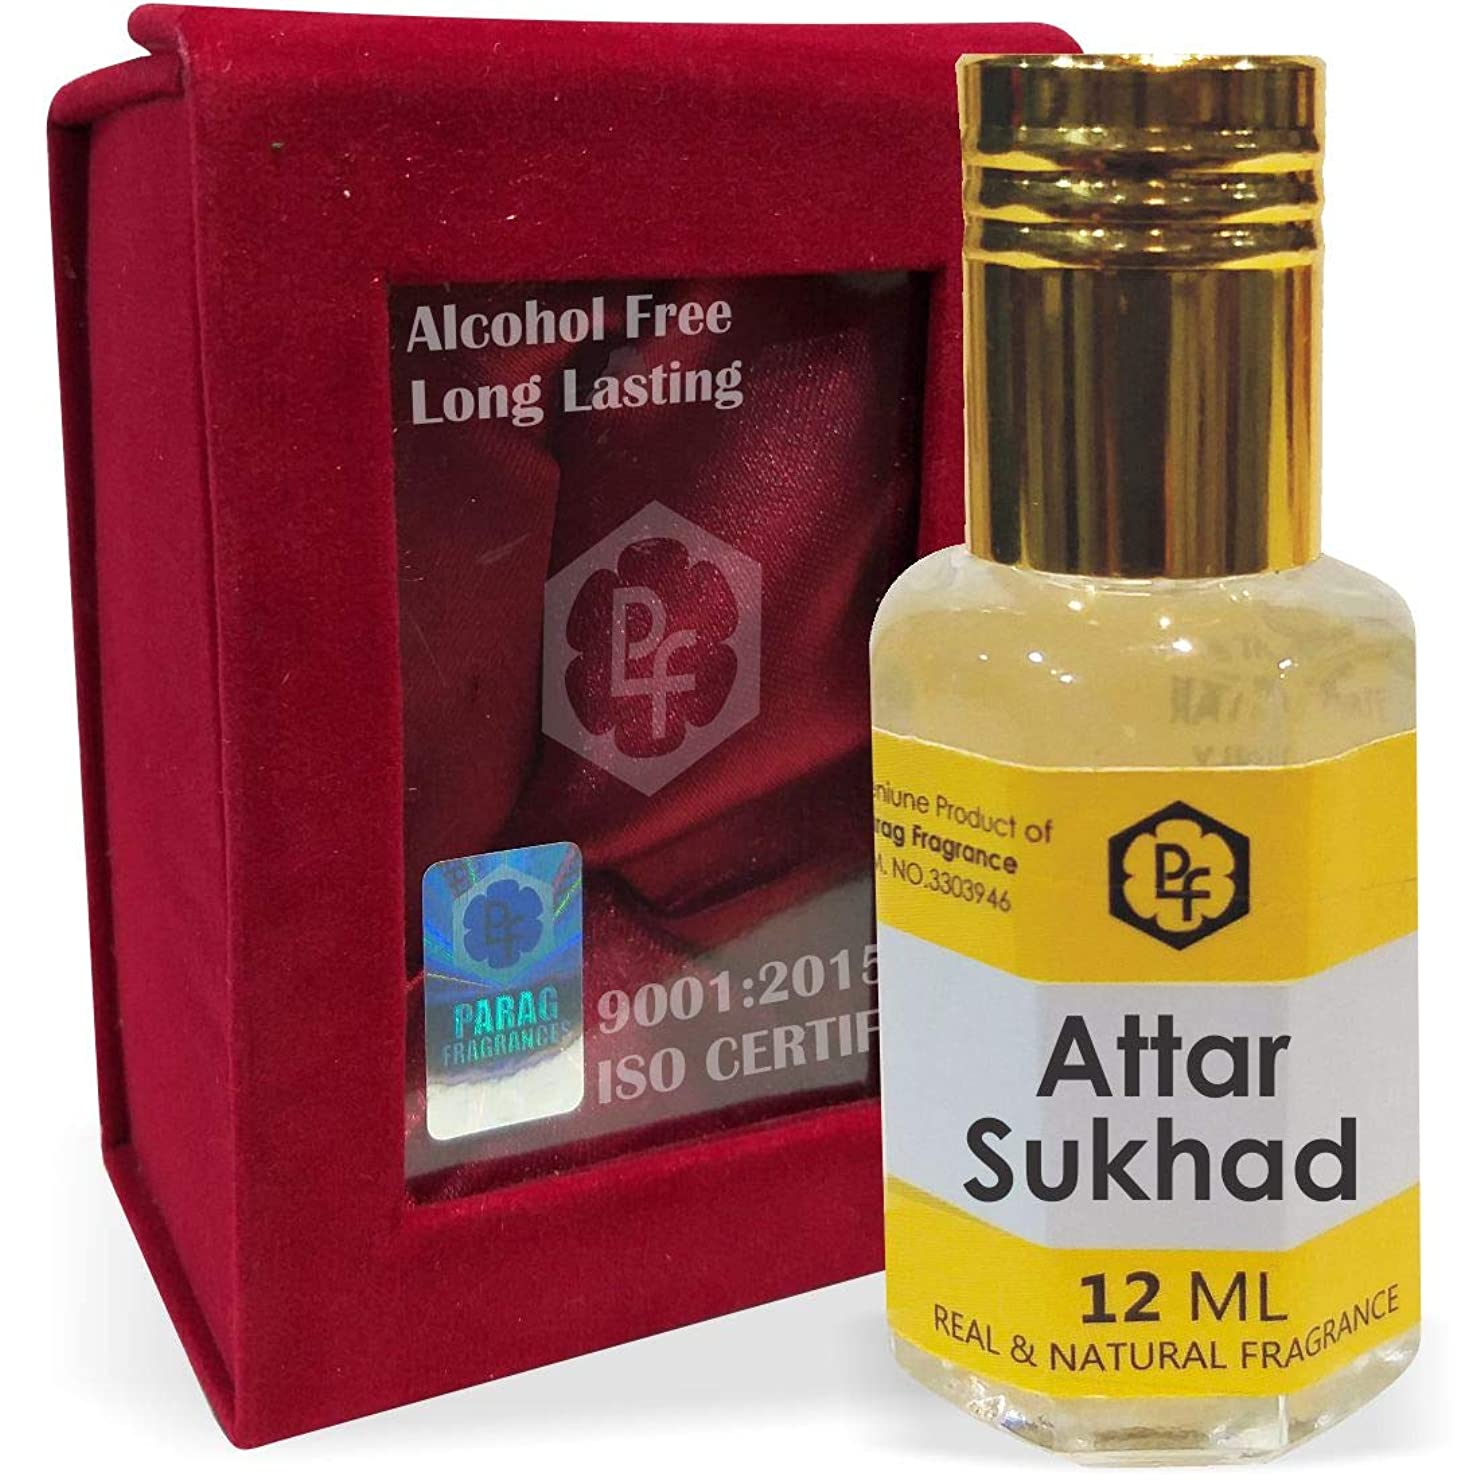 反動不適ドールParagフレグランスSukhad手作りベルベットボックス12ミリリットルアター/香水(インドの伝統的なBhapka処理方法により、インド製)オイル/フレグランスオイル|長持ちアターITRA最高の品質